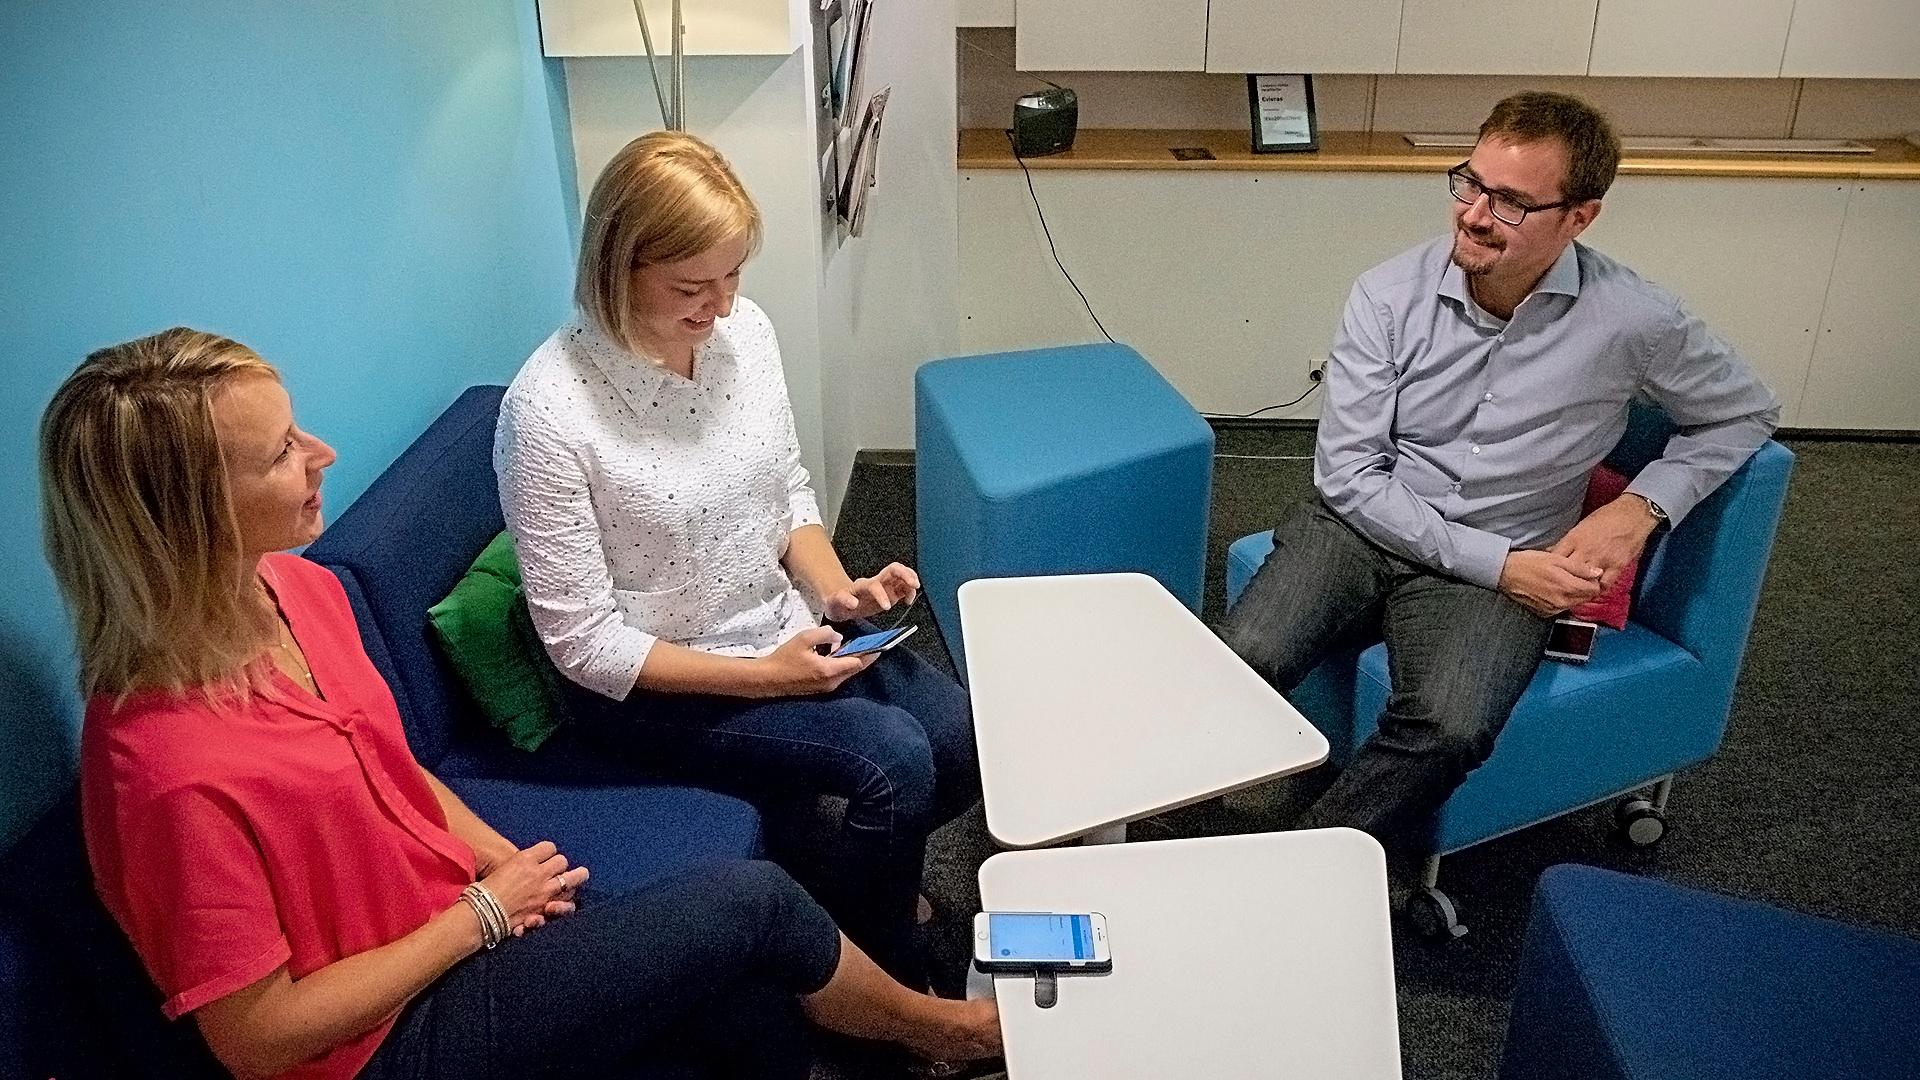 Suomen Ekonomien Krista Karusalmi (vas.) ja Terhi Halsvaha sekä Crasmanin Jaakko Soininen ovat tyytyväisiä ratkaisuun, joka vapauttaa resursseja Aikani-sovelluksen jatkokehitykseen.